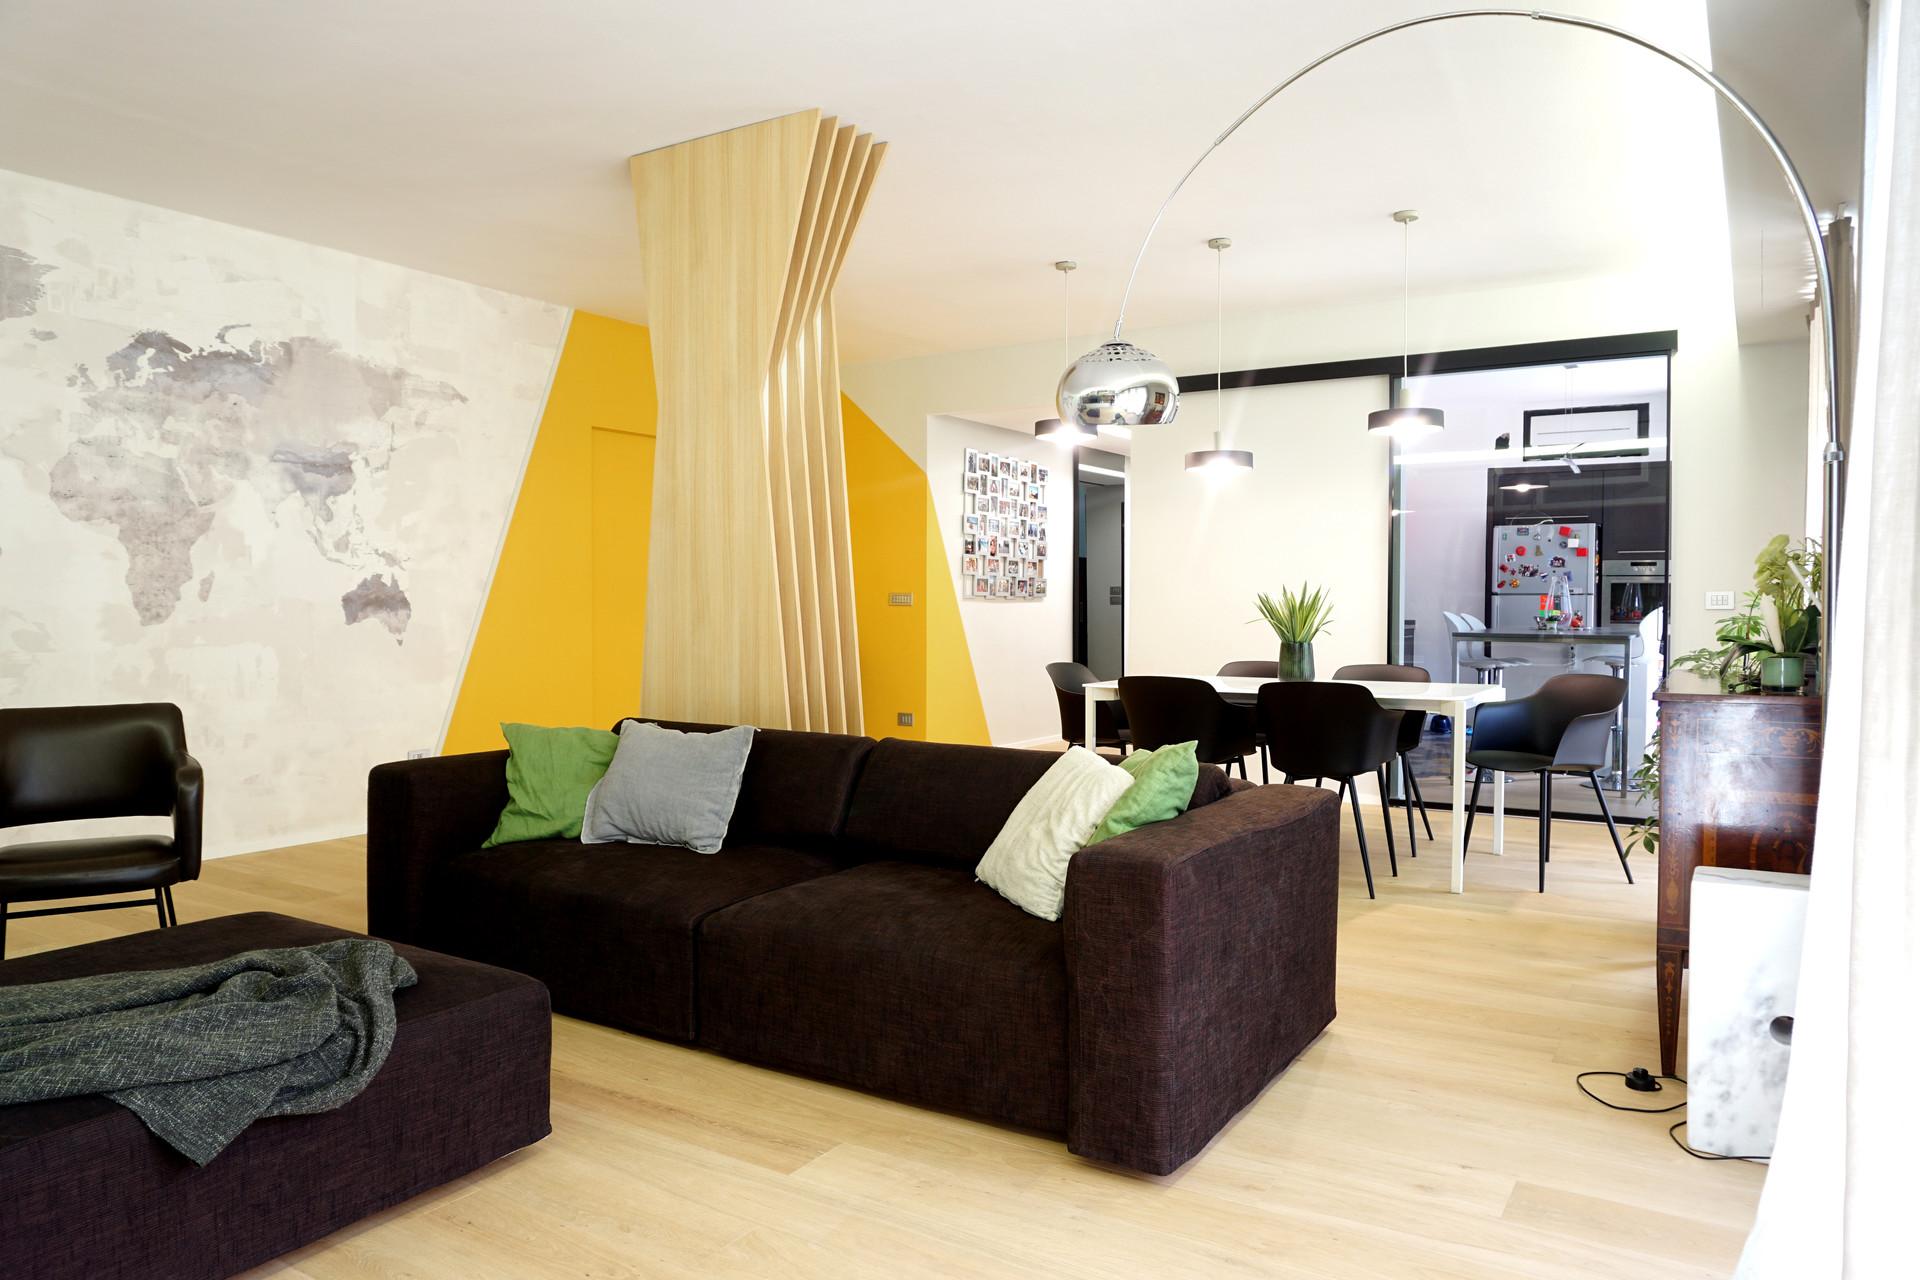 artelierprogetti-interior-progettazionea